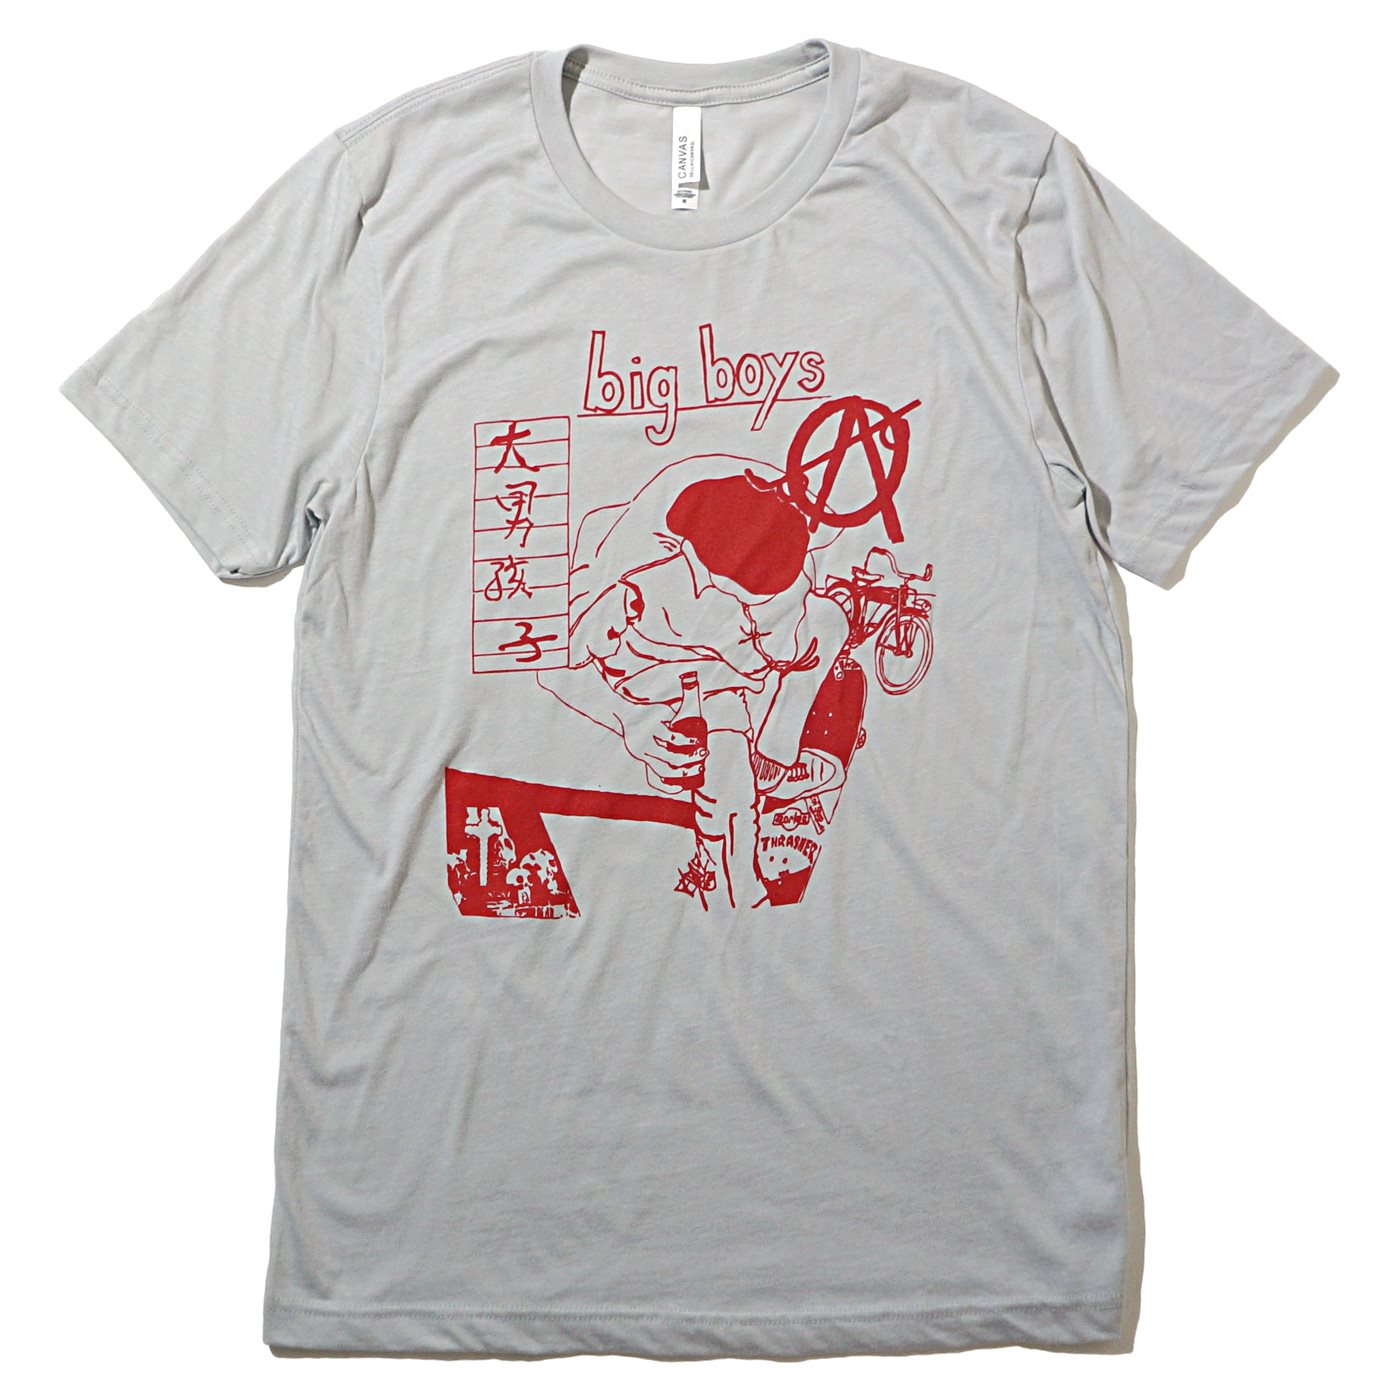 BIG BOYS Tシャツ Do You Skate